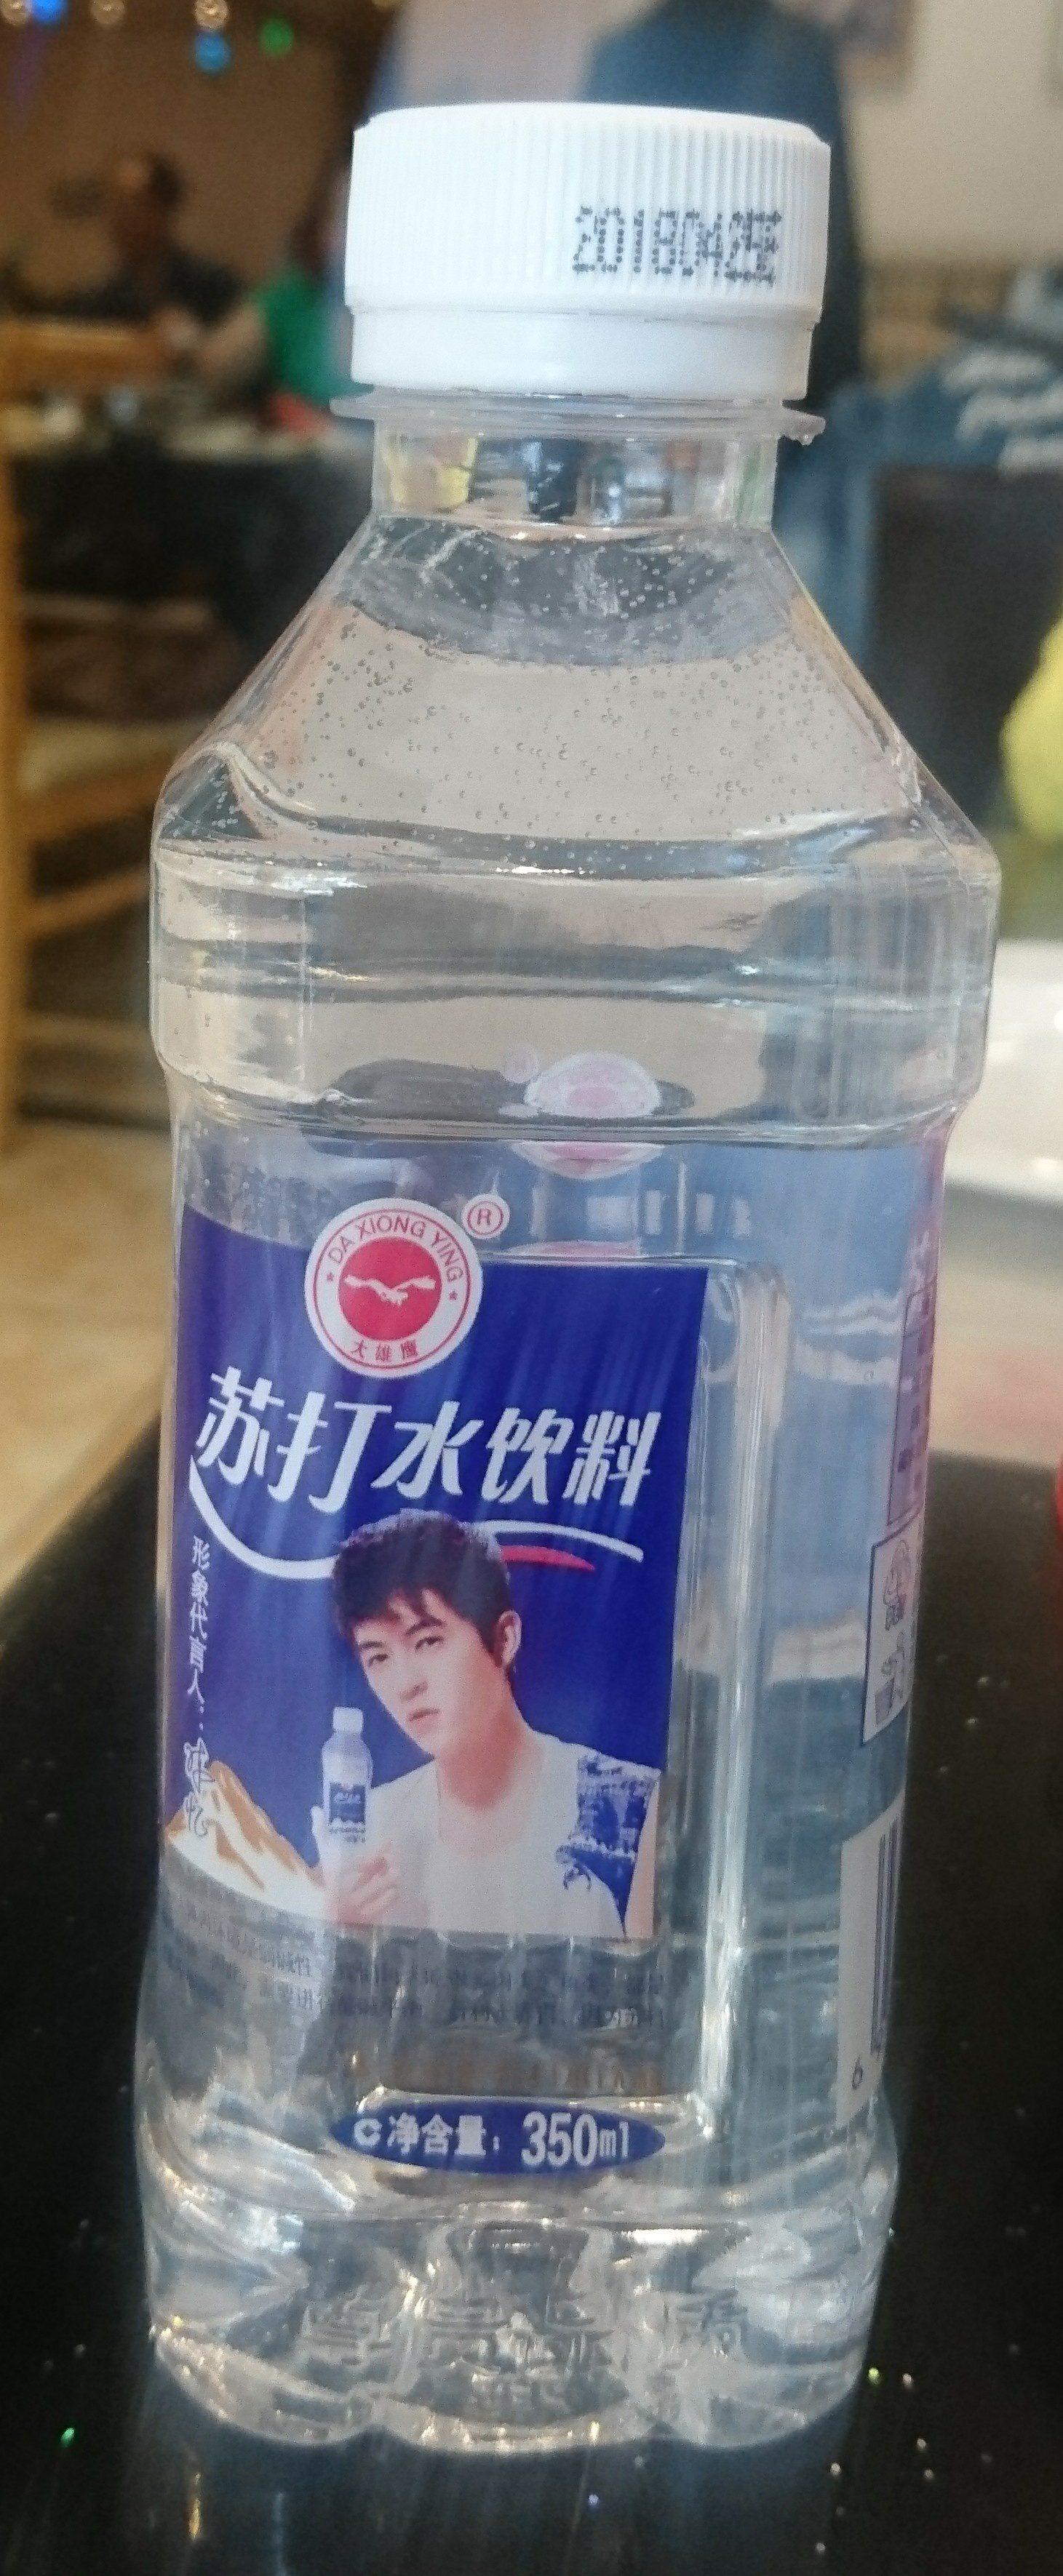 大雄鹰苏打水饮料 - Product